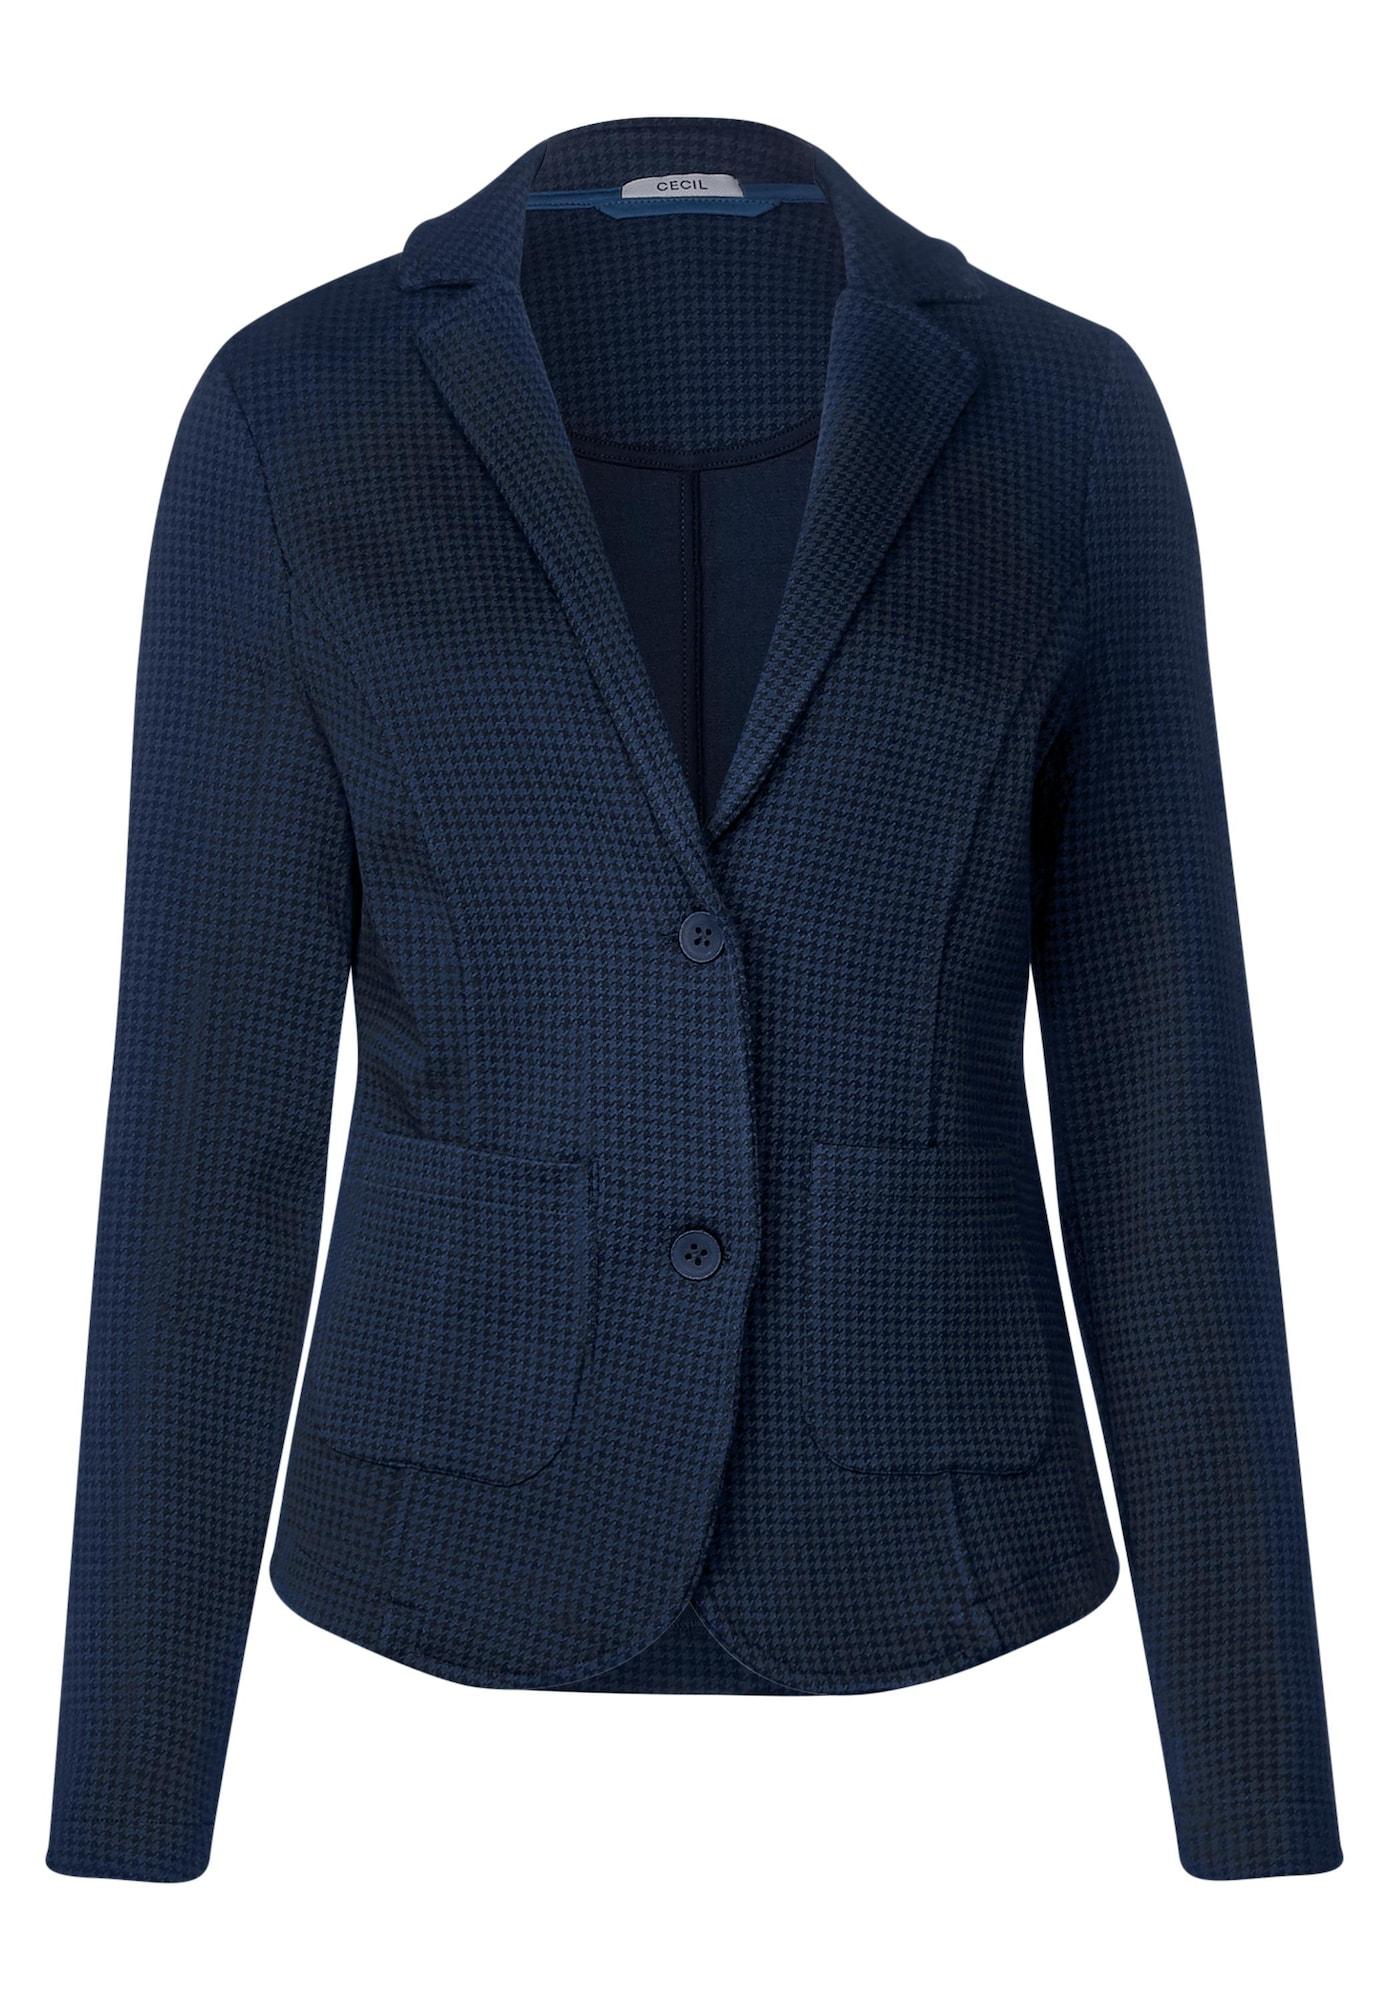 Sweatblazer | Bekleidung > Blazer > Sweatblazer | Blau | cecil